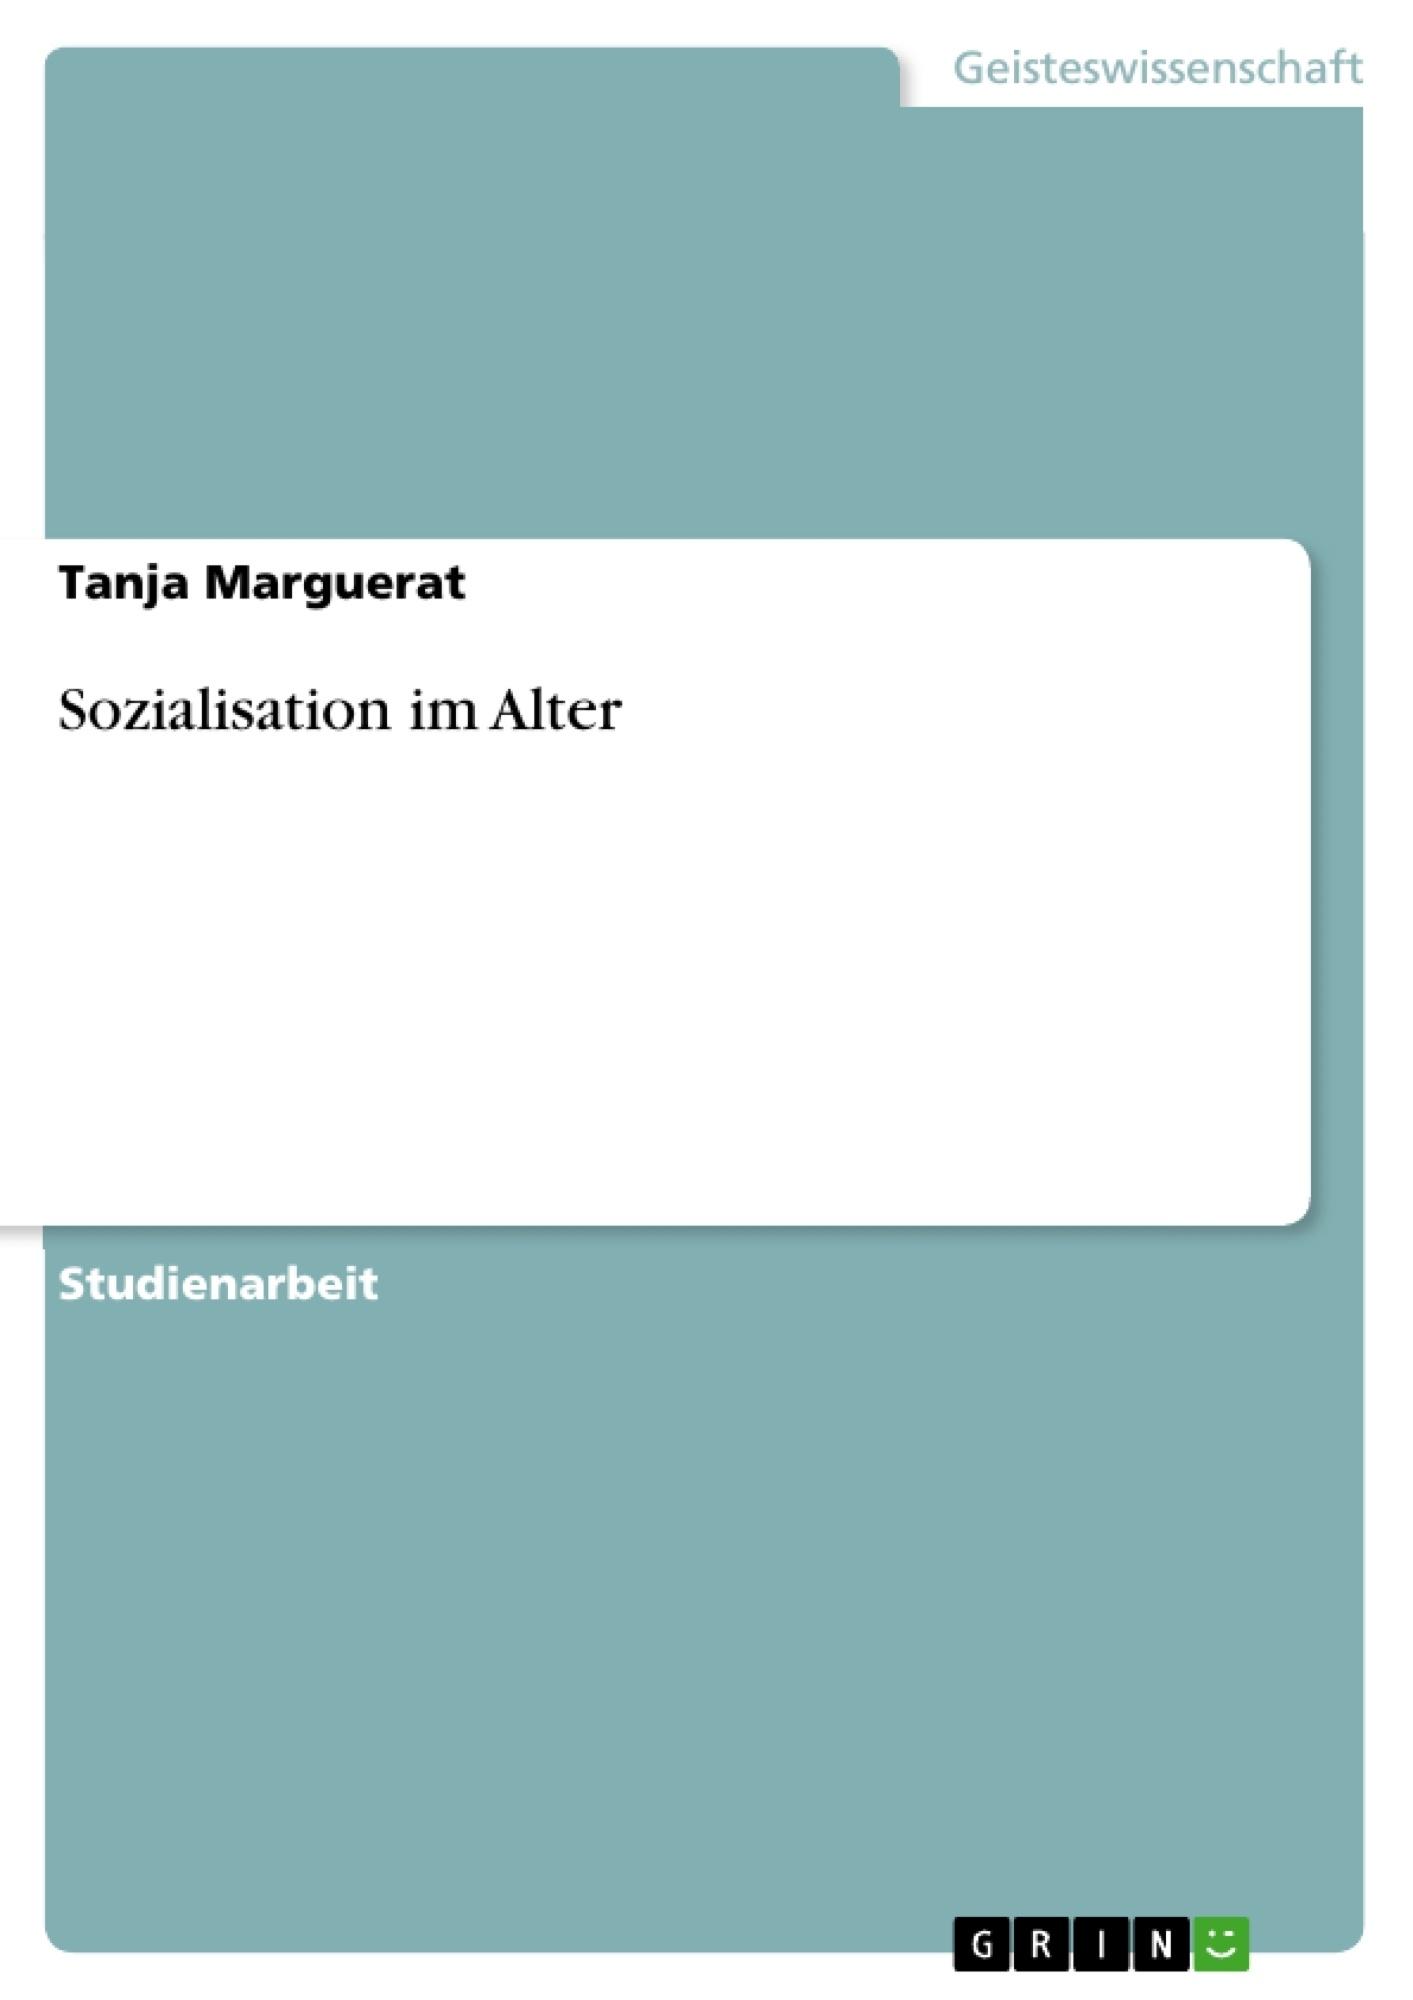 Titel: Sozialisation im Alter